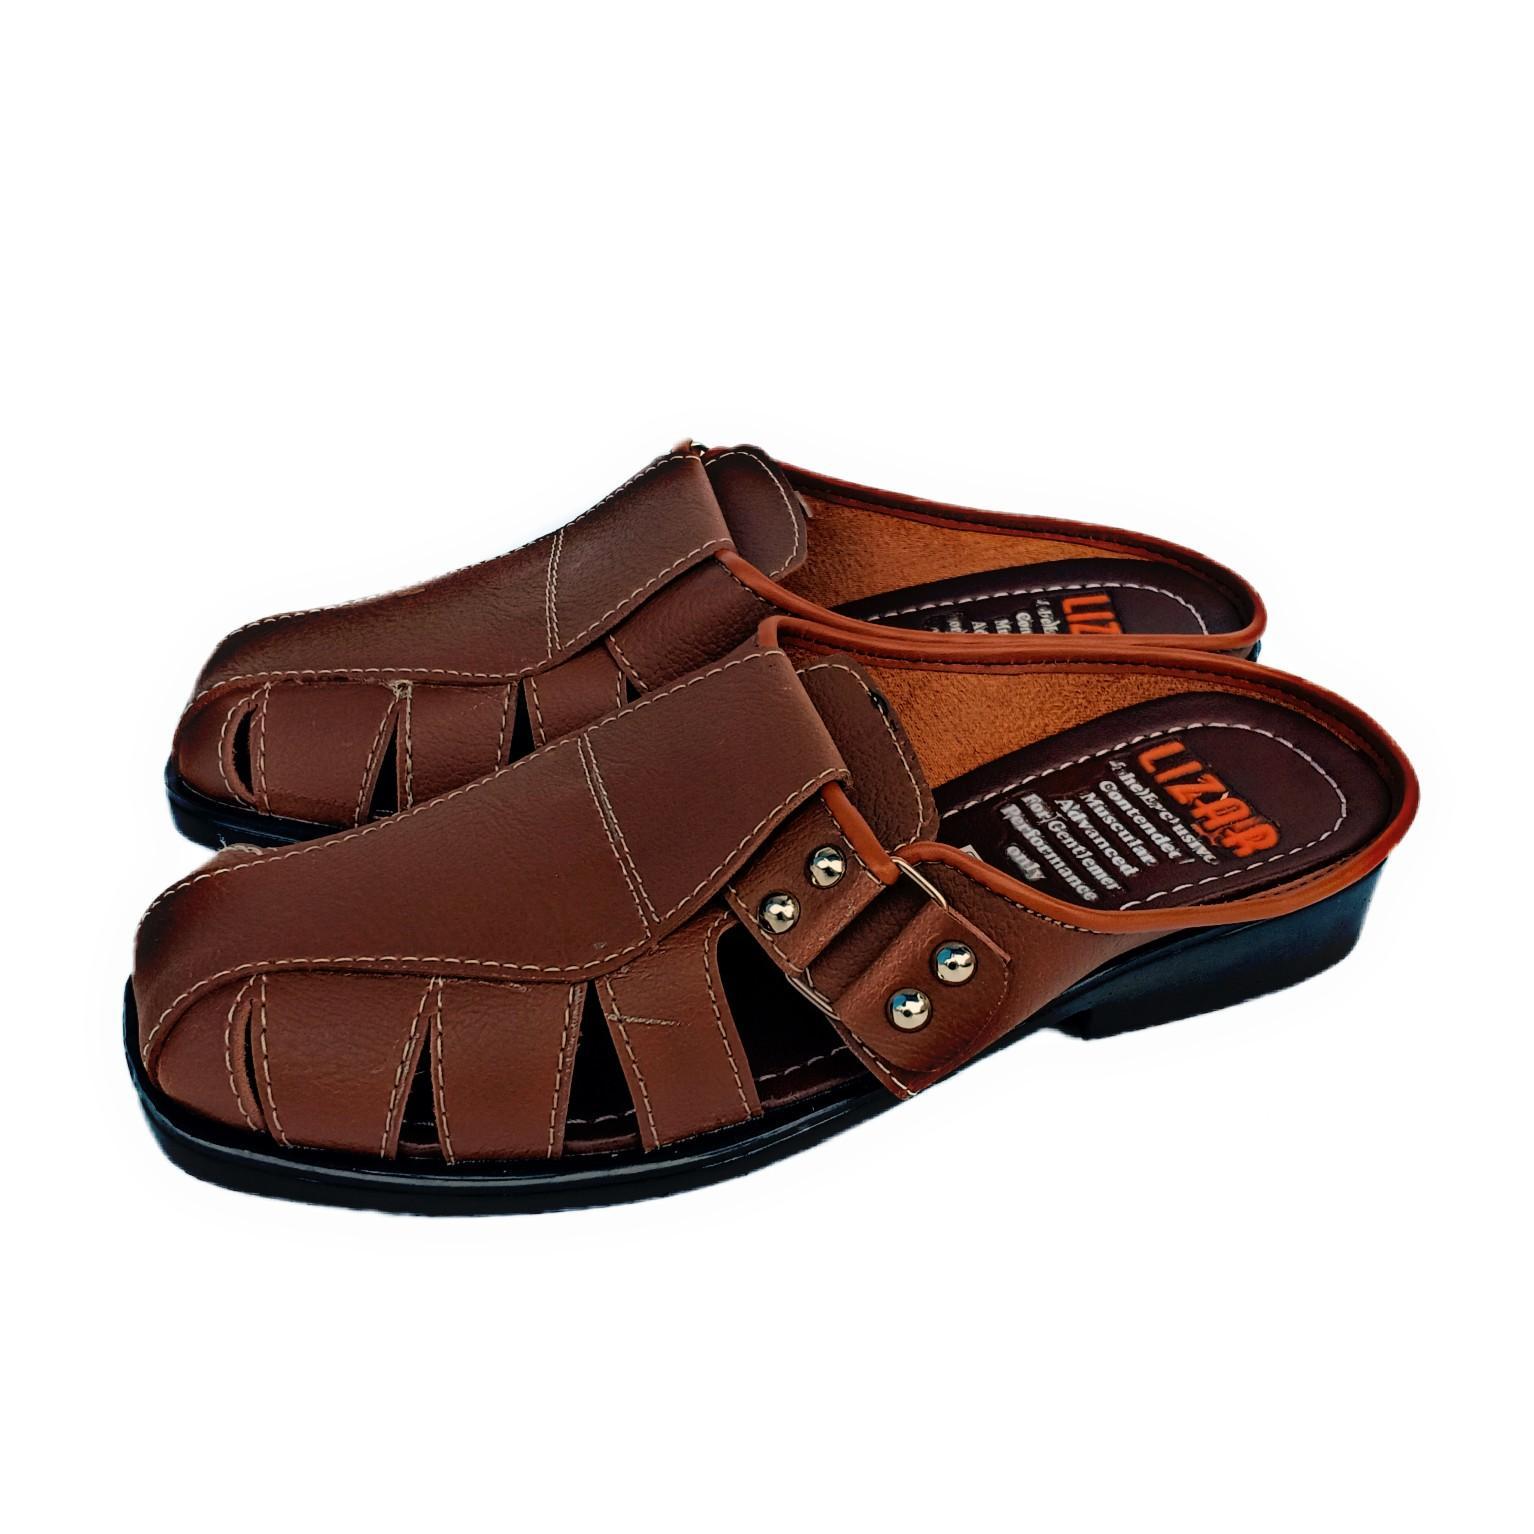 7d756f32ac4 Dryrha Sandal Pria Sepatu Pria - Bustong